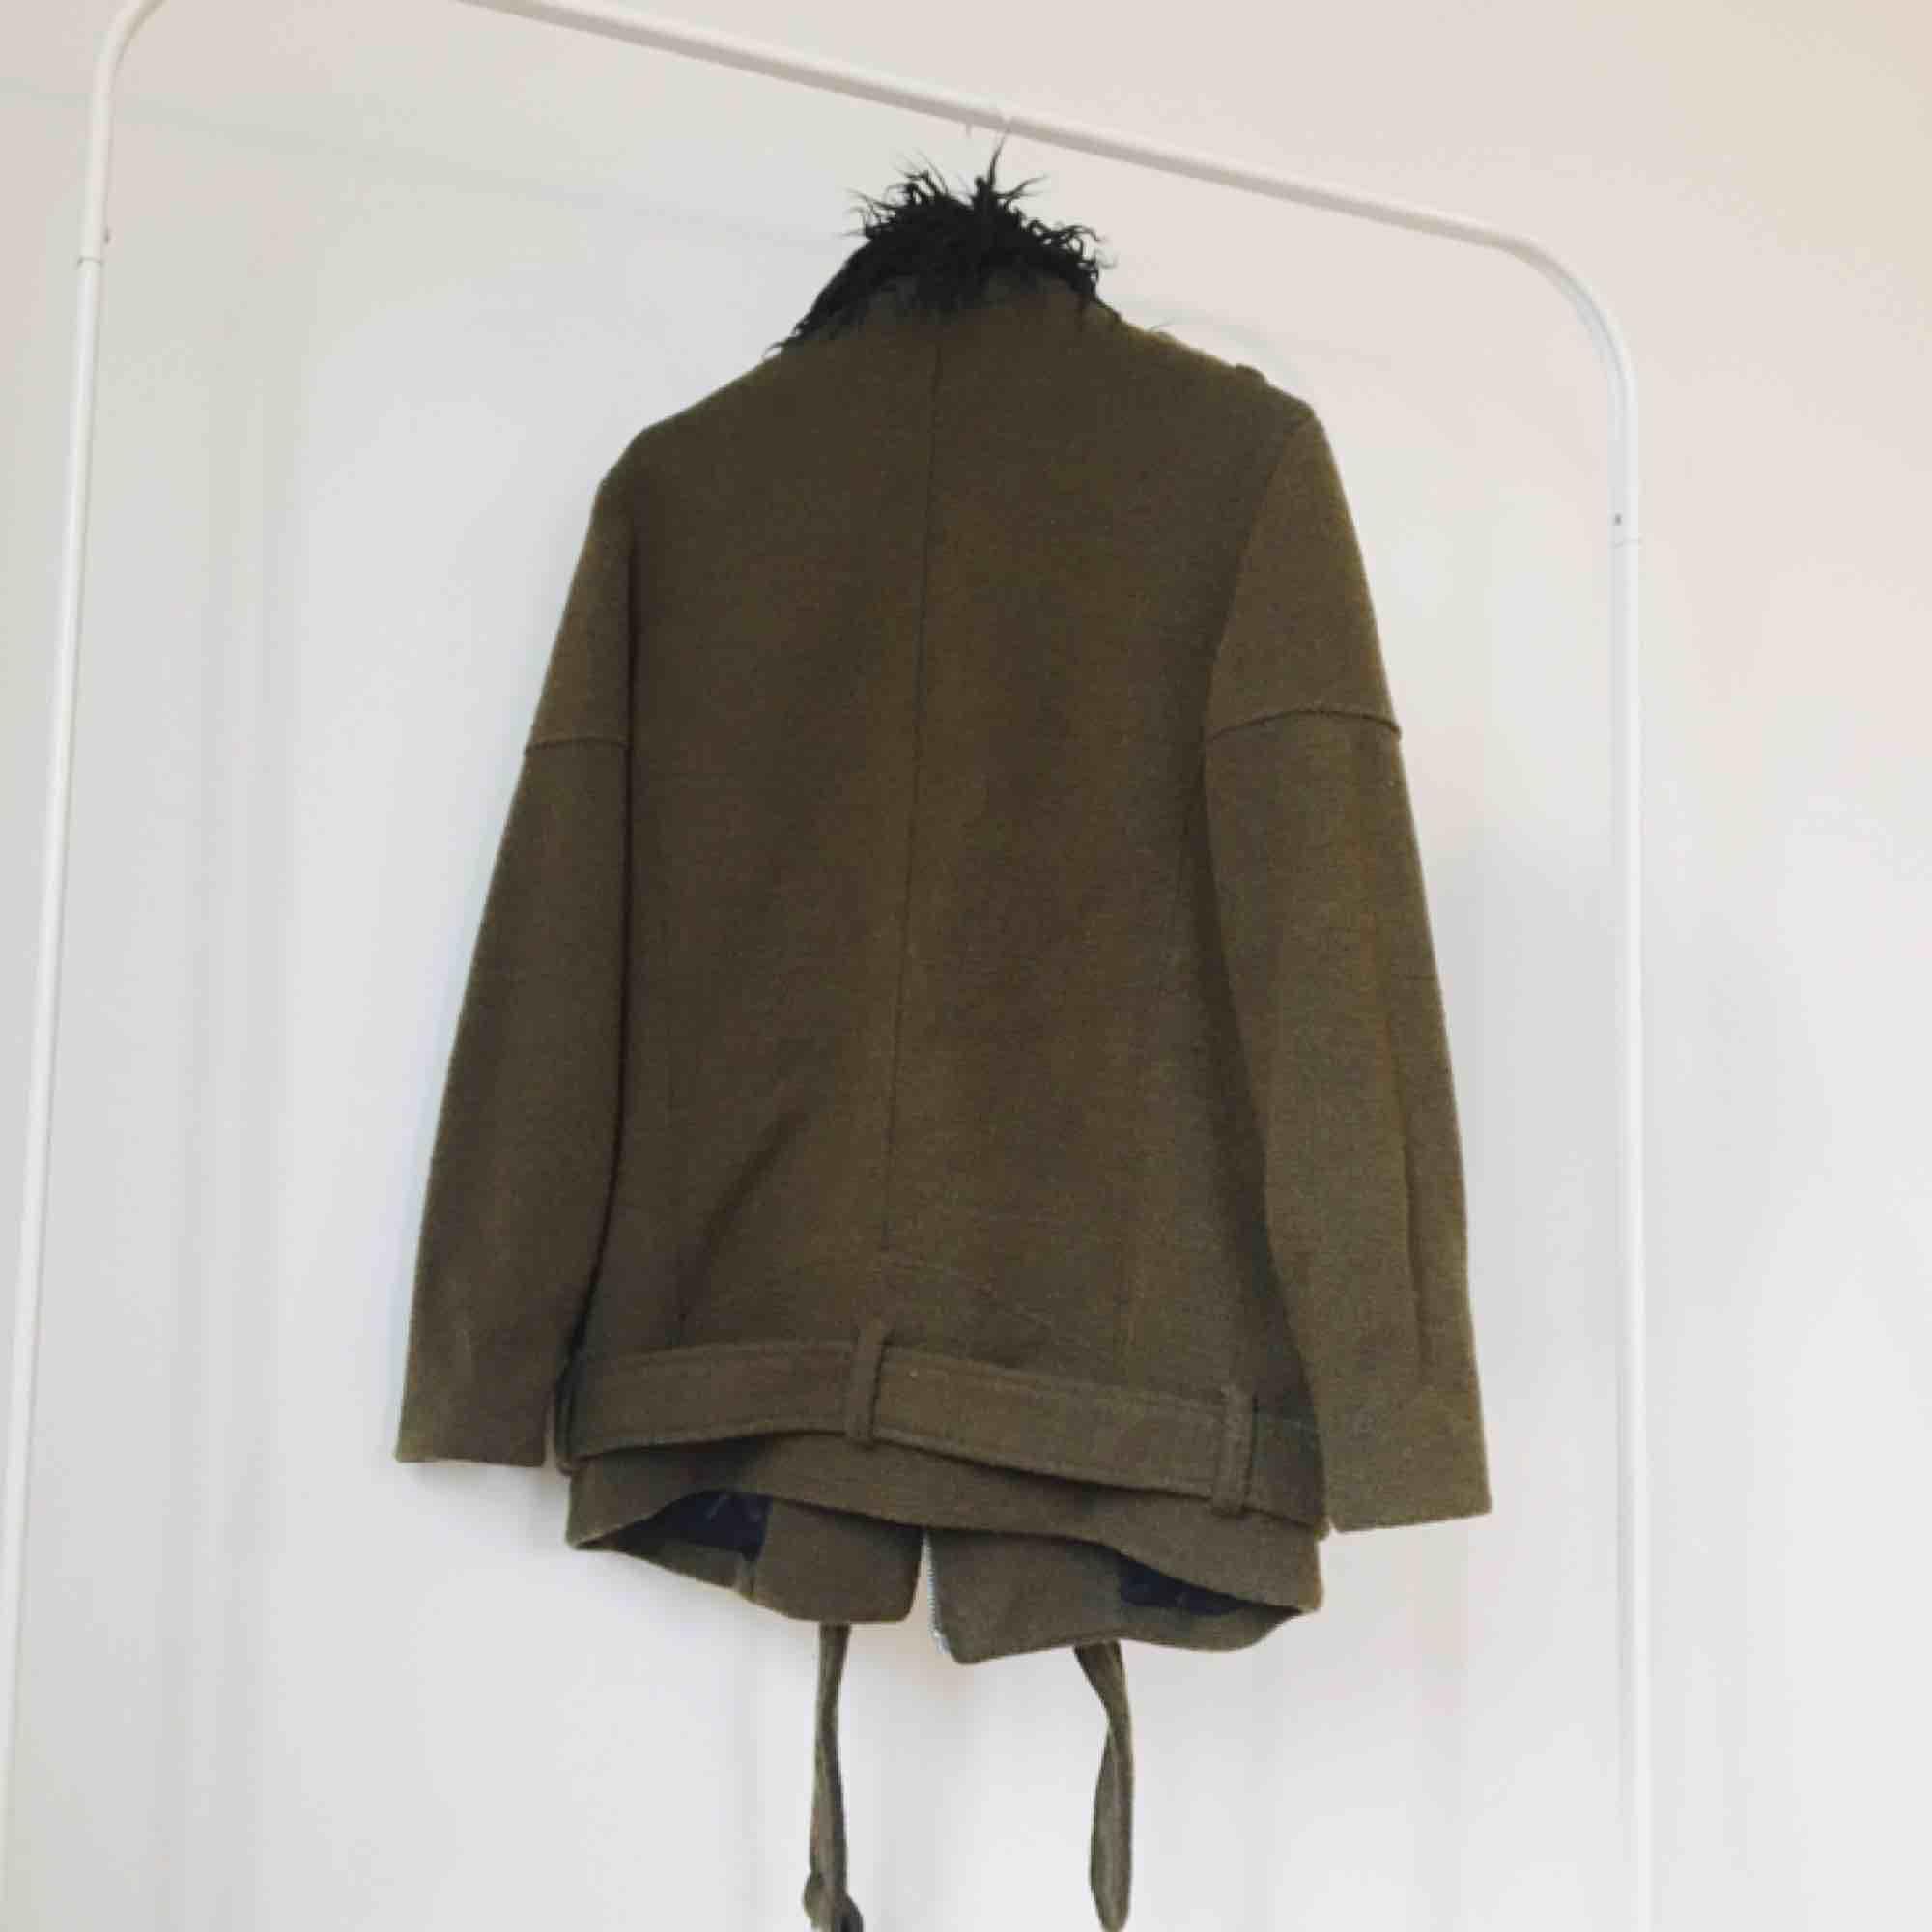 Tjock och varm bikerjacka i olivgrön med svart pälskrage (fake självklart). Sparsamt använd. Kan mötas upp i Sthlm eller skickas mot frakt. ✨. Jackor.